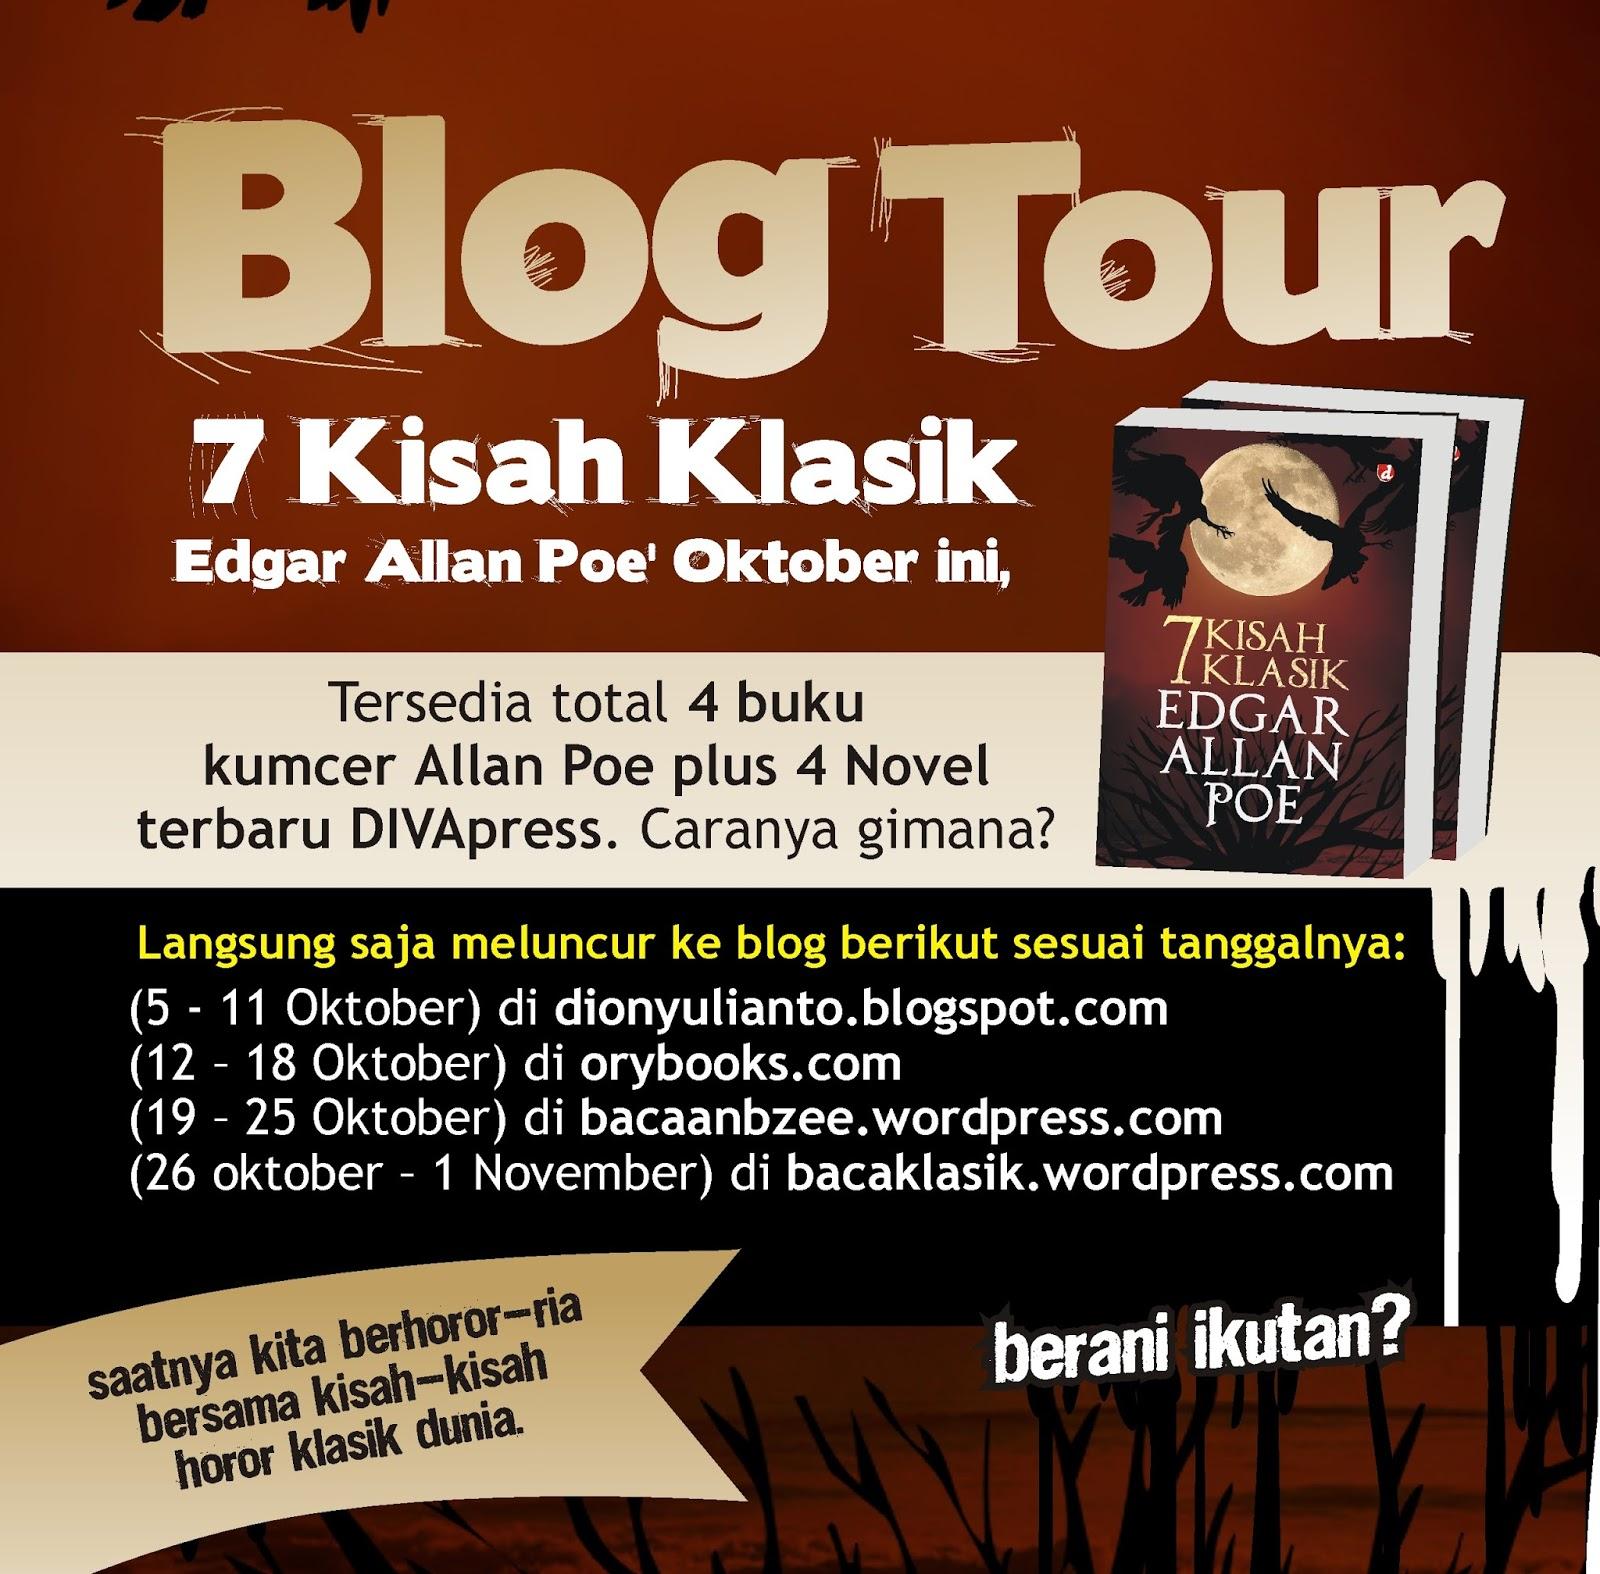 Baca Biar Beken Pengumuman Pemenang Blogtour 7 Kisah Klasik Edgar